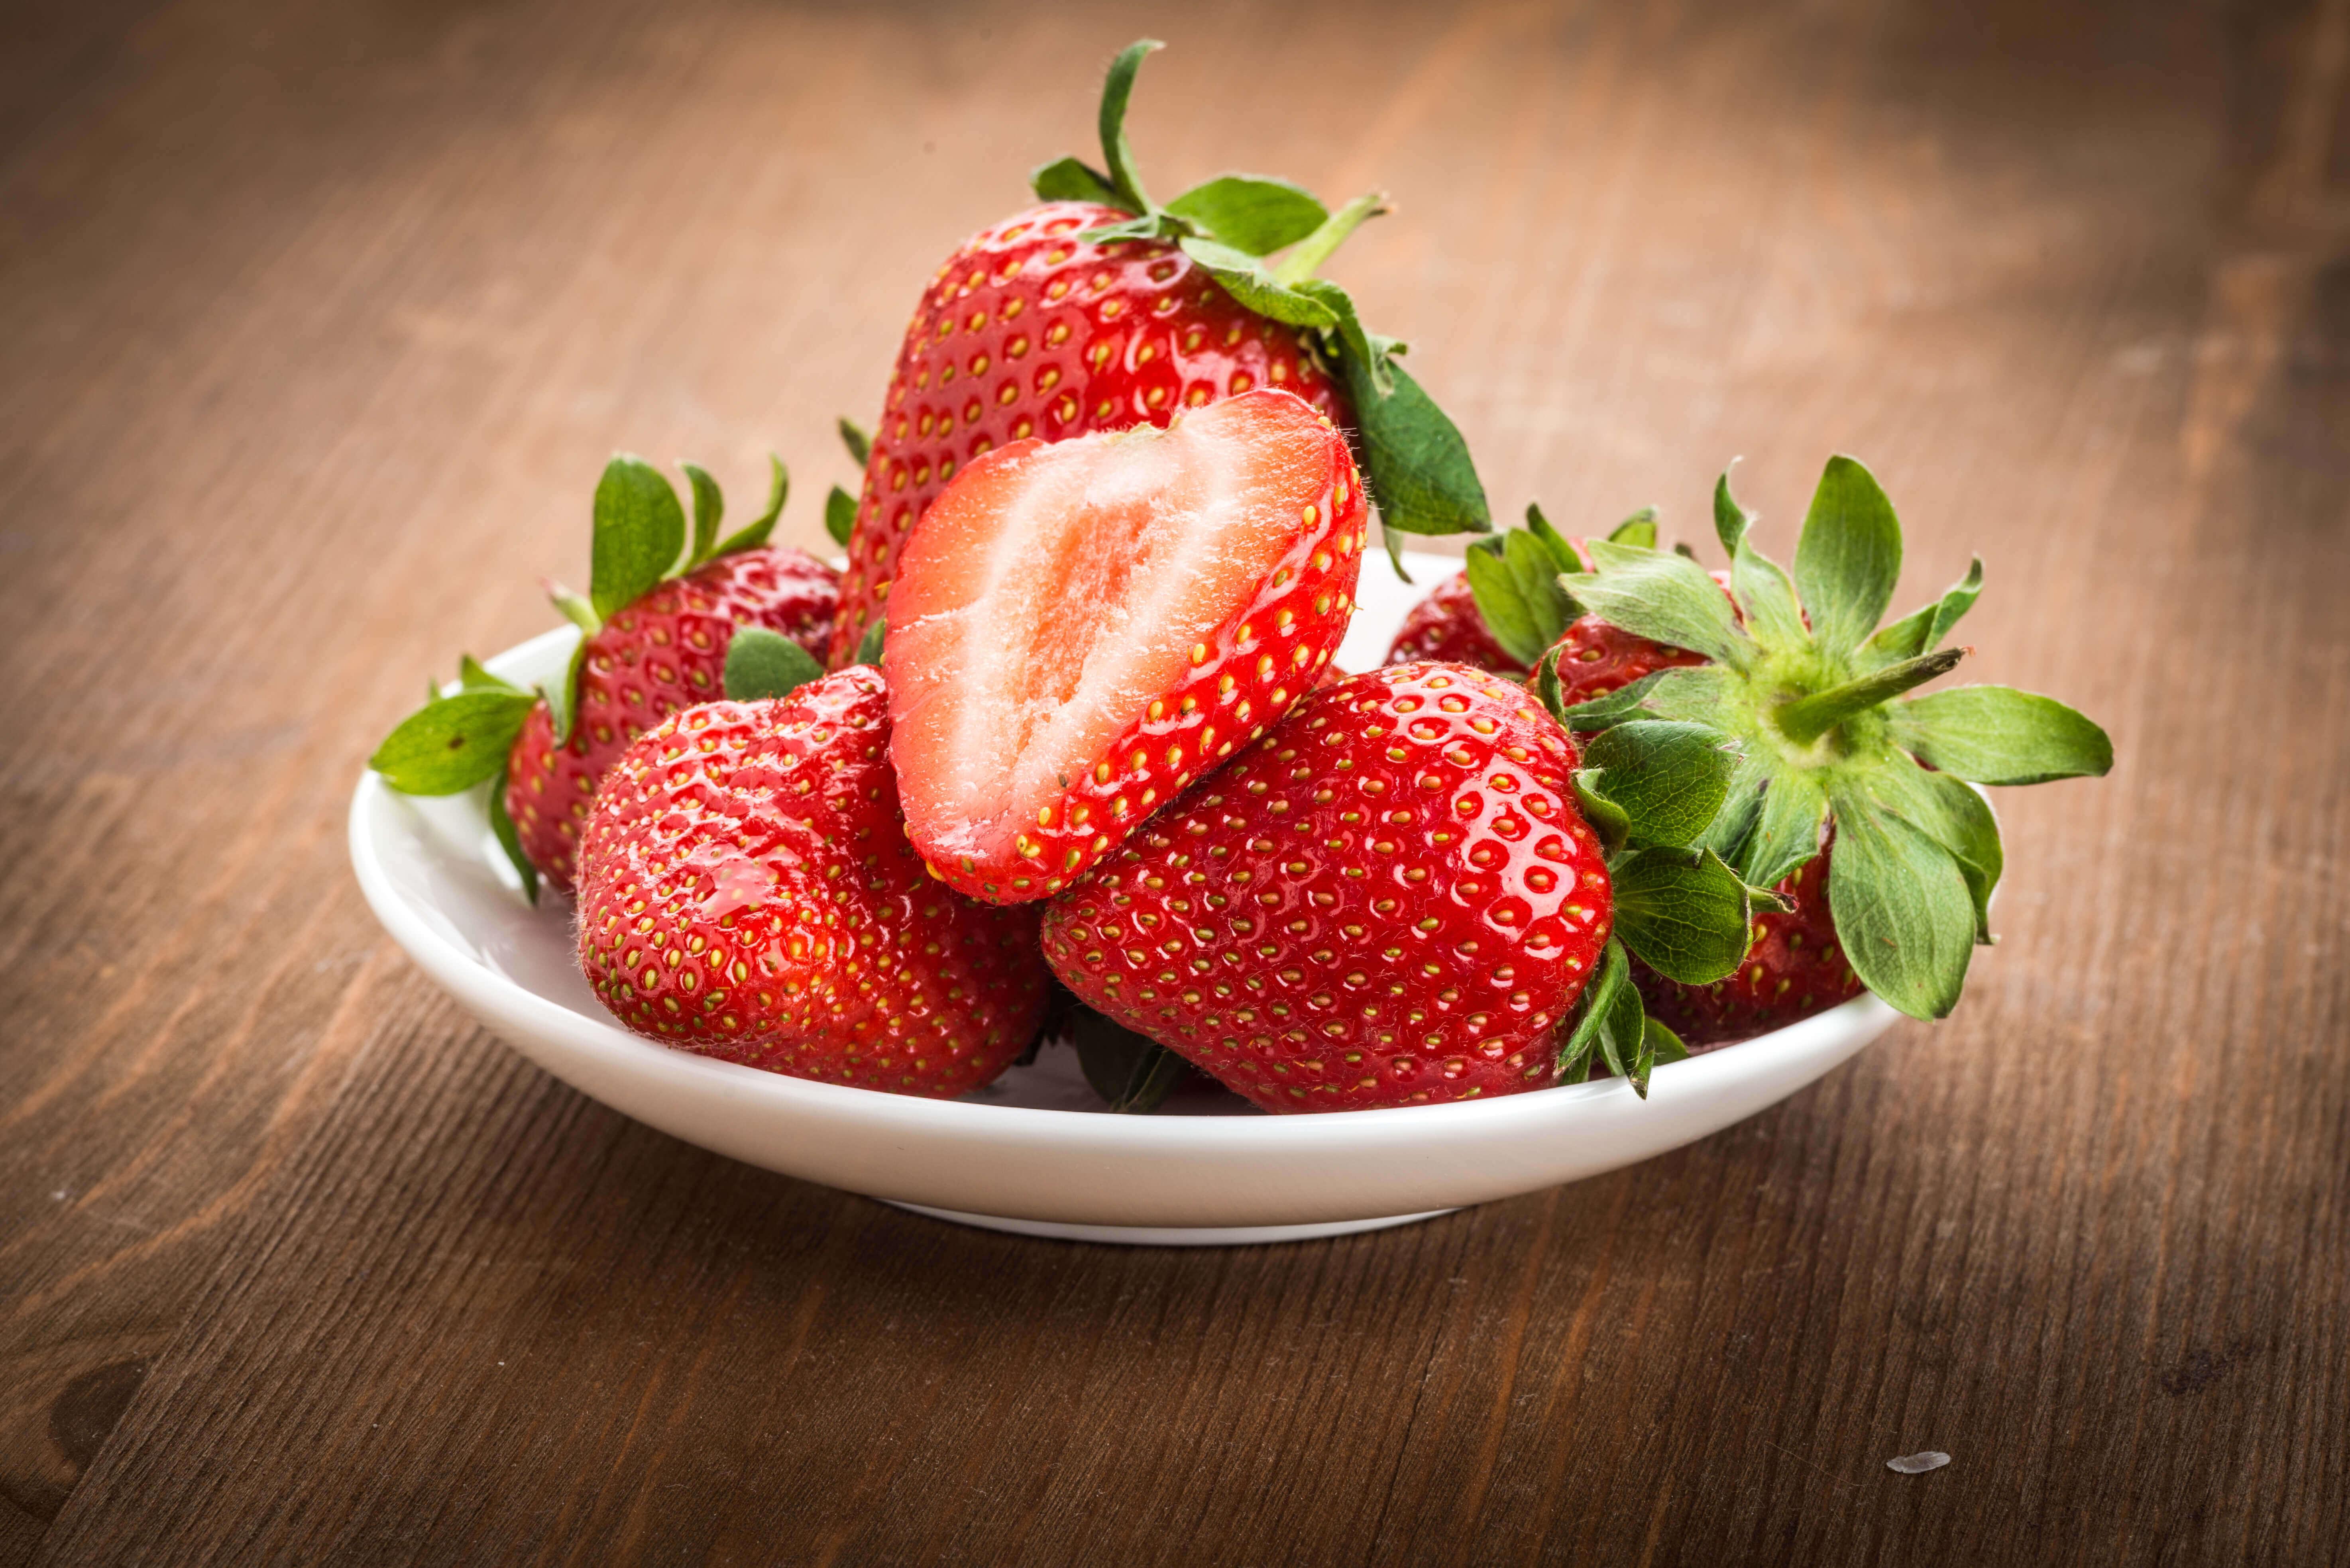 いちご 化学肥料やスプレーが使われているかわかる食材